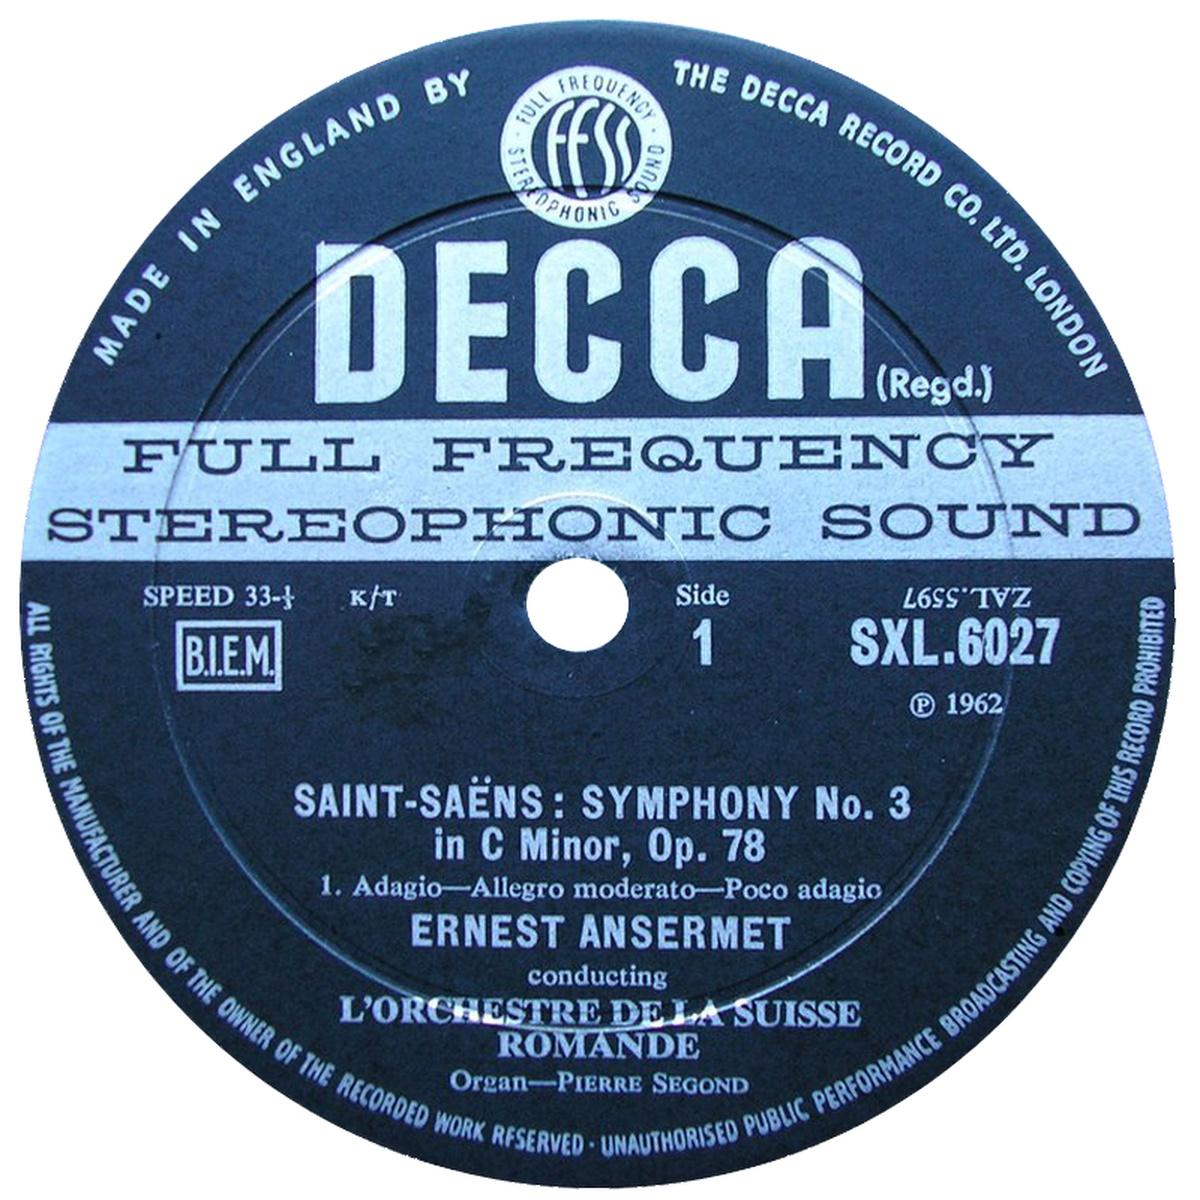 Camille SAINT-SAËNS, Symphonie no 3, Pierre SEGOND, OSR, Ernest ANSERMET, 1962, étiquette recto du disque Decca SXL 6027